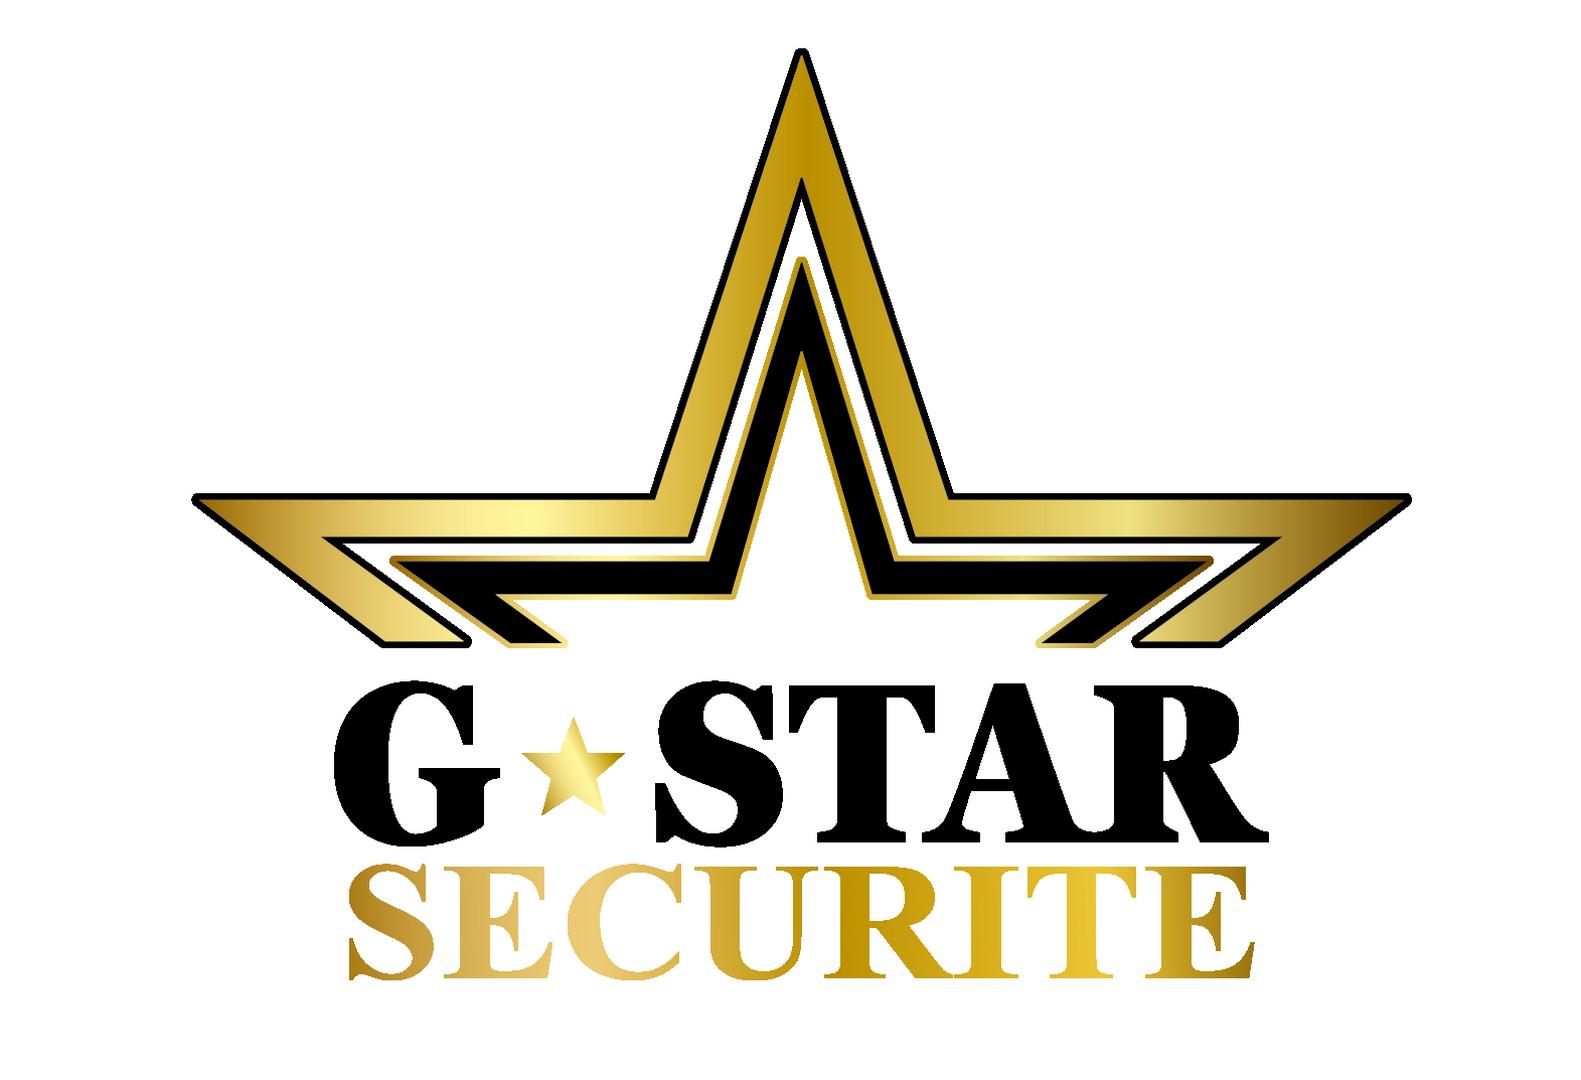 G-Star Sécurité Privée